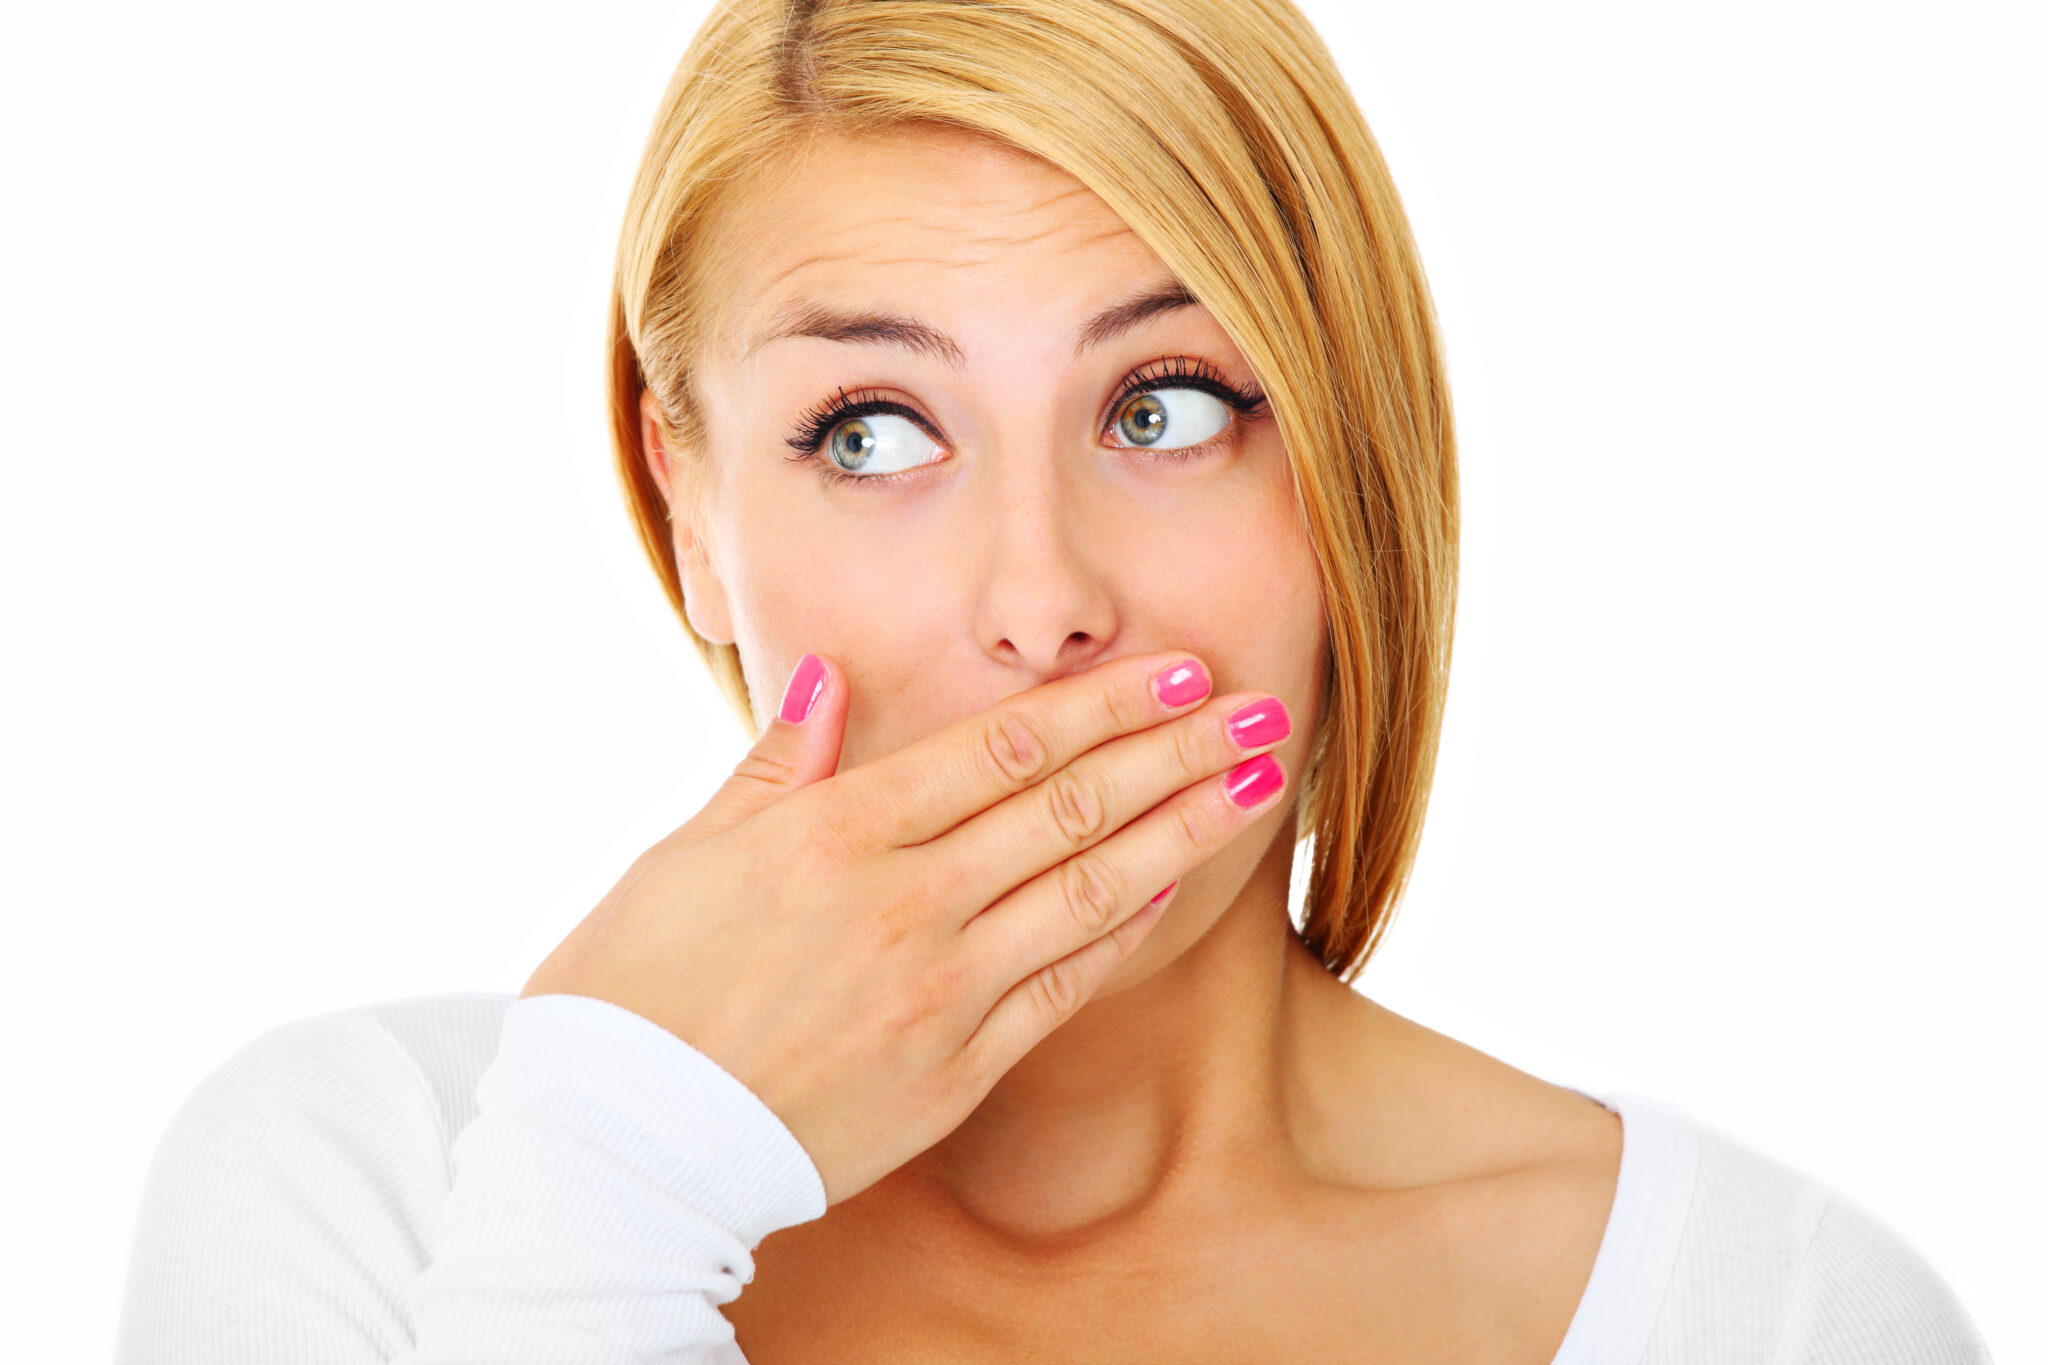 Неприятный запах изо рта (галитоз): причины, виды и способы борьбы - много зубов